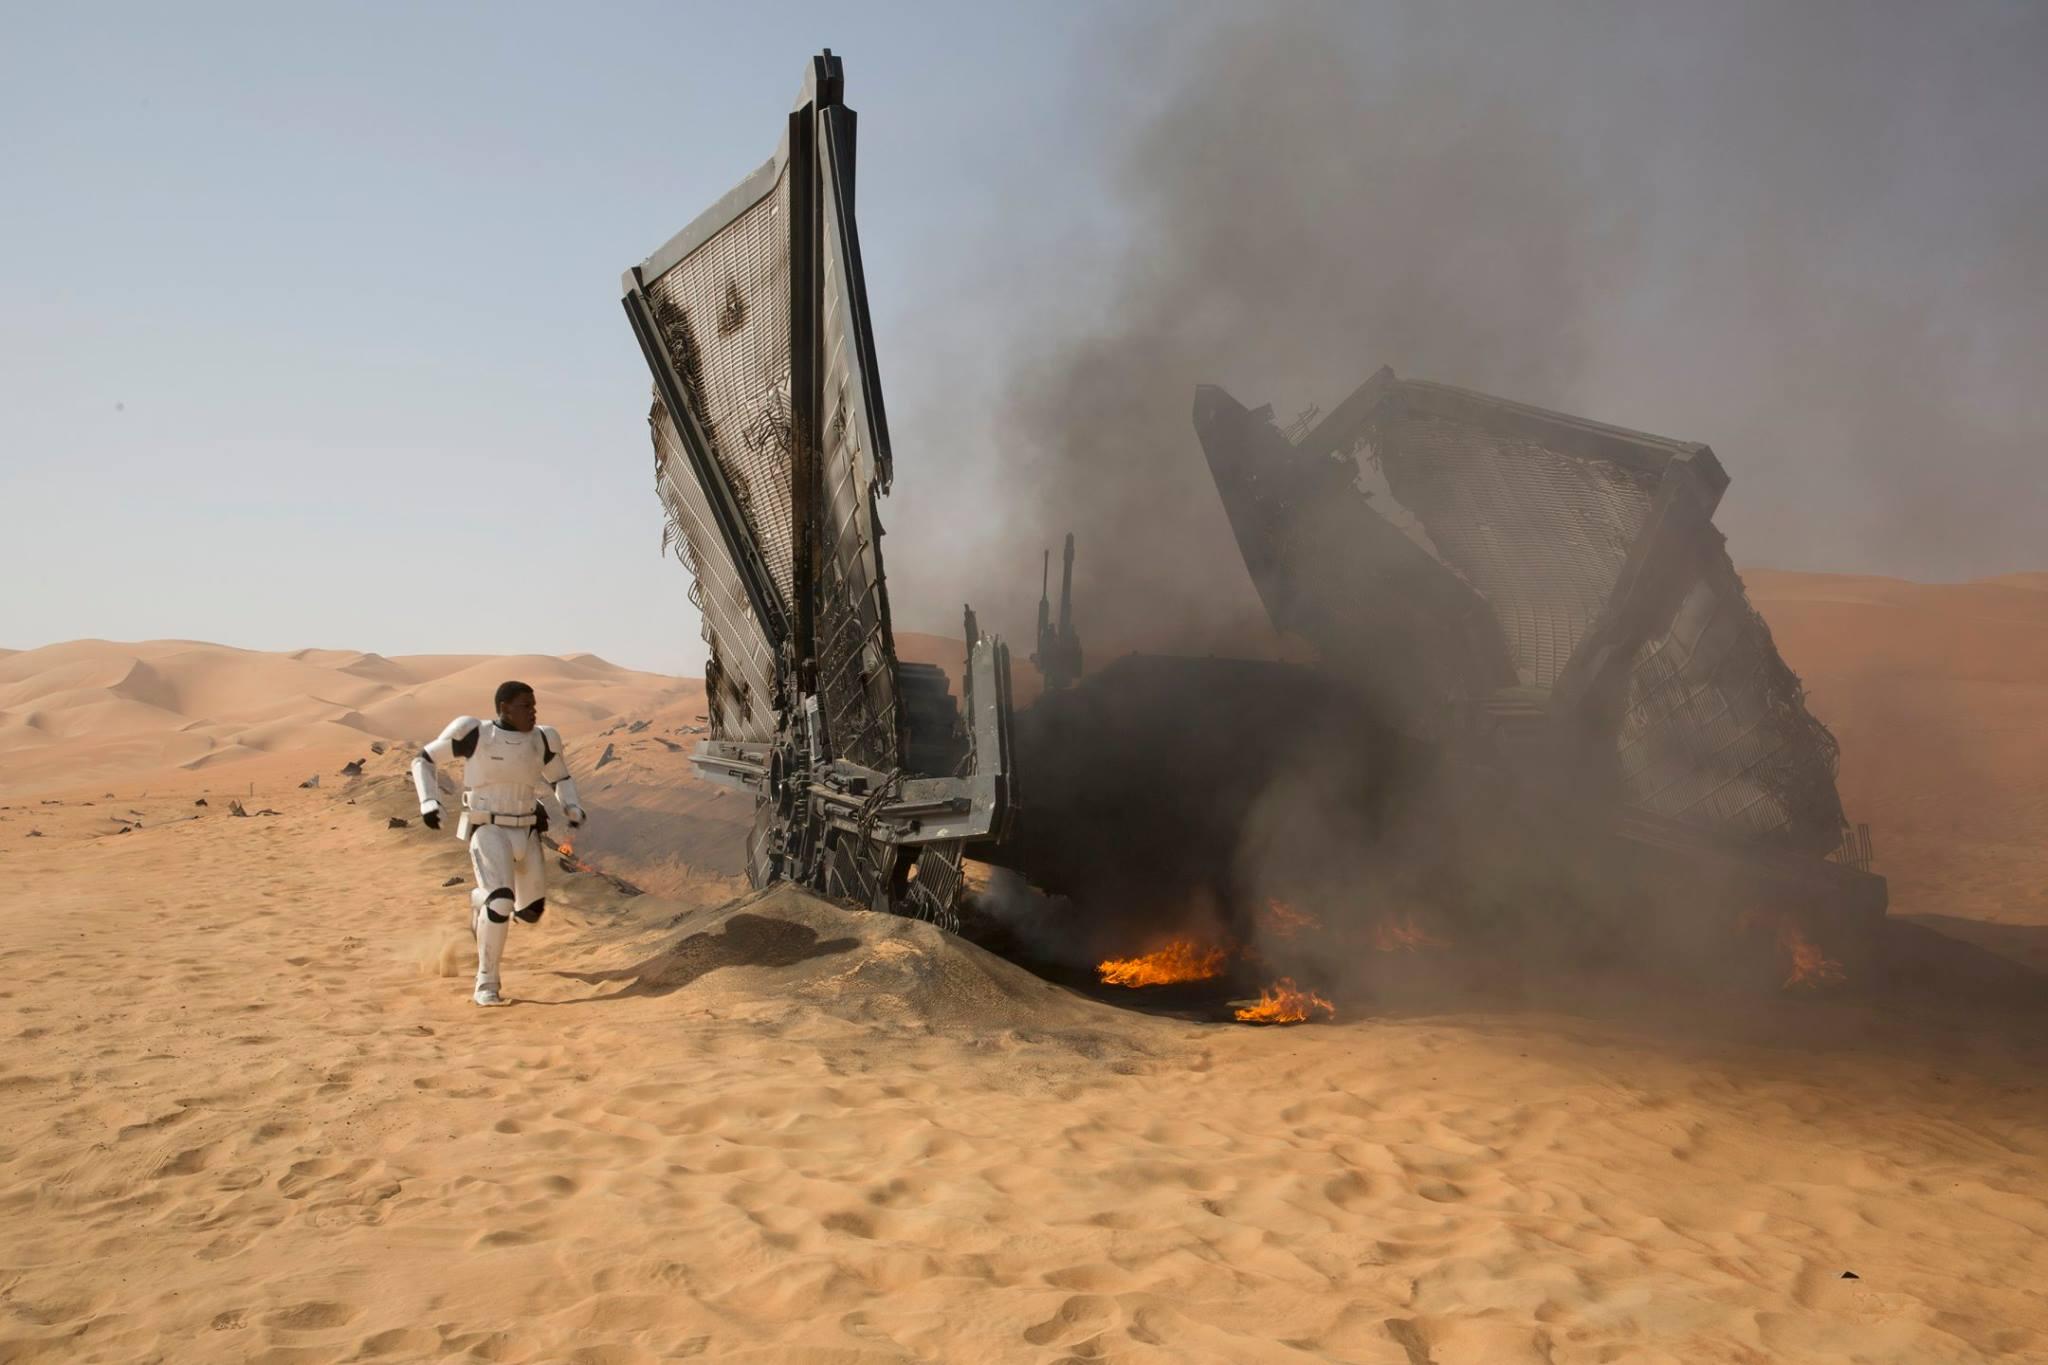 """Это было звездато. Рецензия на """"Звёздные войны: Пробуждение силы"""". - Изображение 11"""